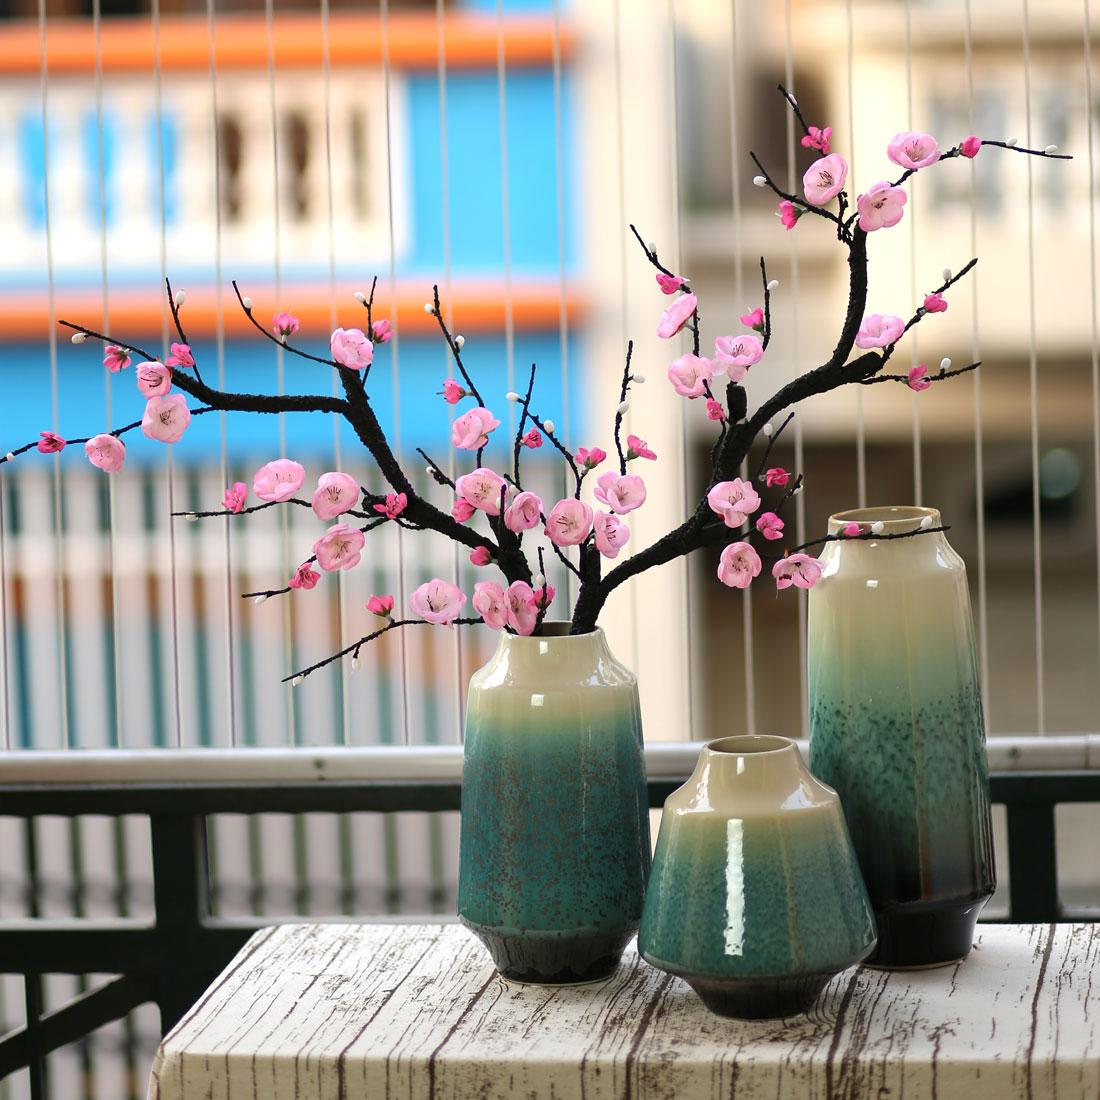 Bình hoa đào trang trí - BH1054